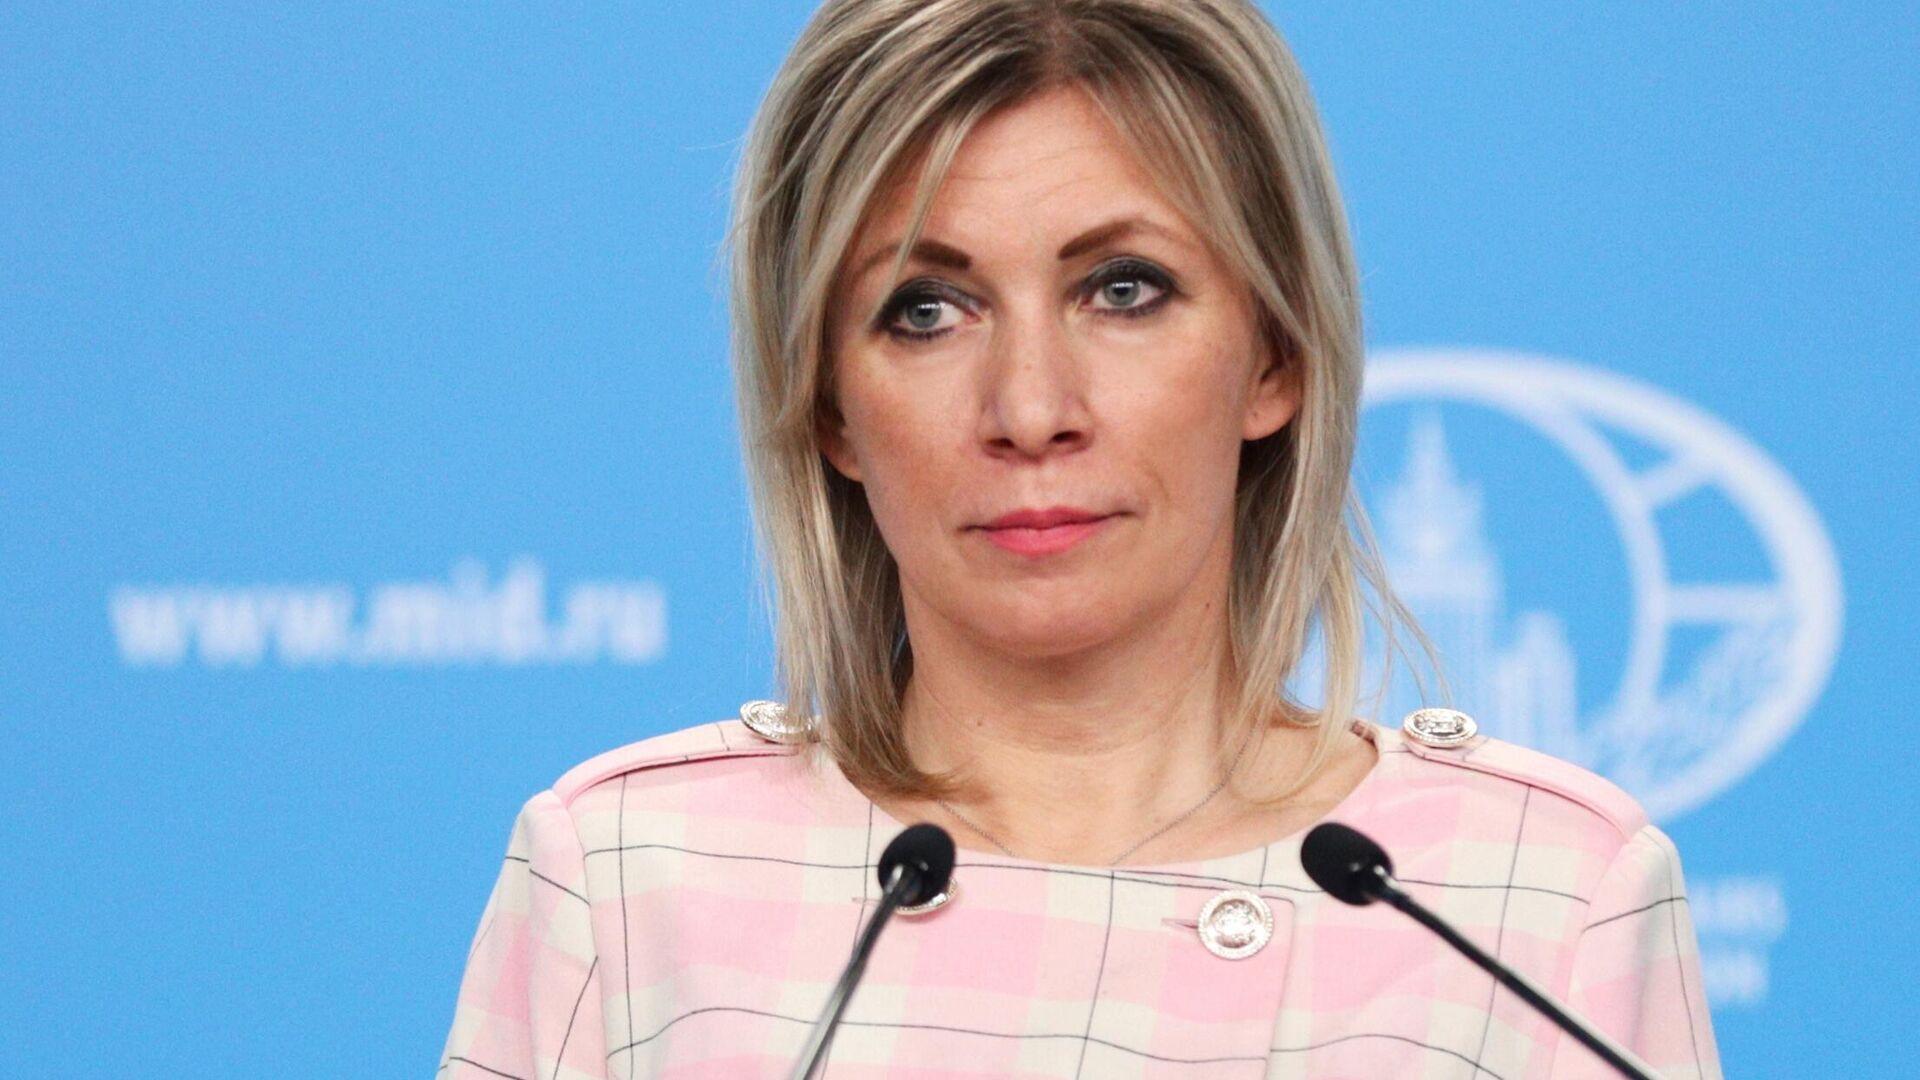 Официальный представитель Министерства иностранных дел России Мария Захарова во время брифинга в Москве - РИА Новости, 1920, 26.02.2021